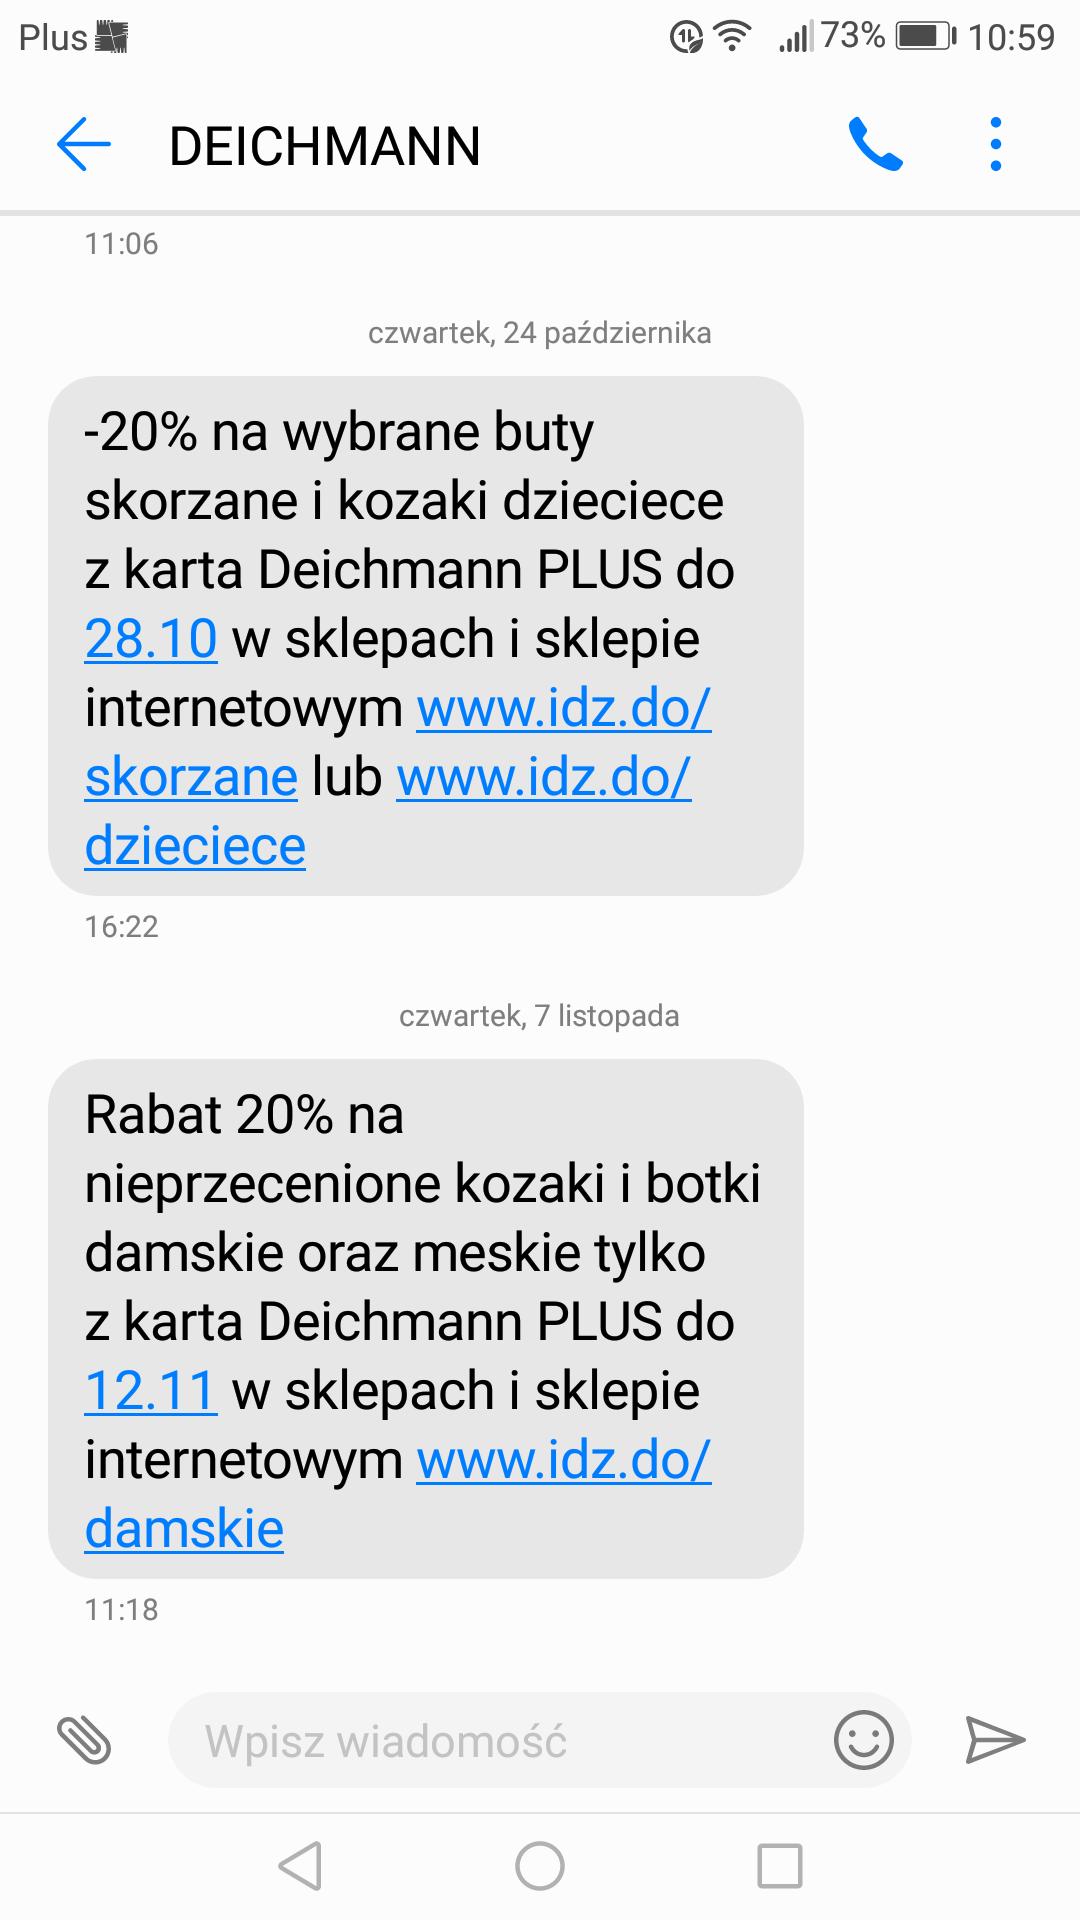 przykładowa kampania marketingowa sms